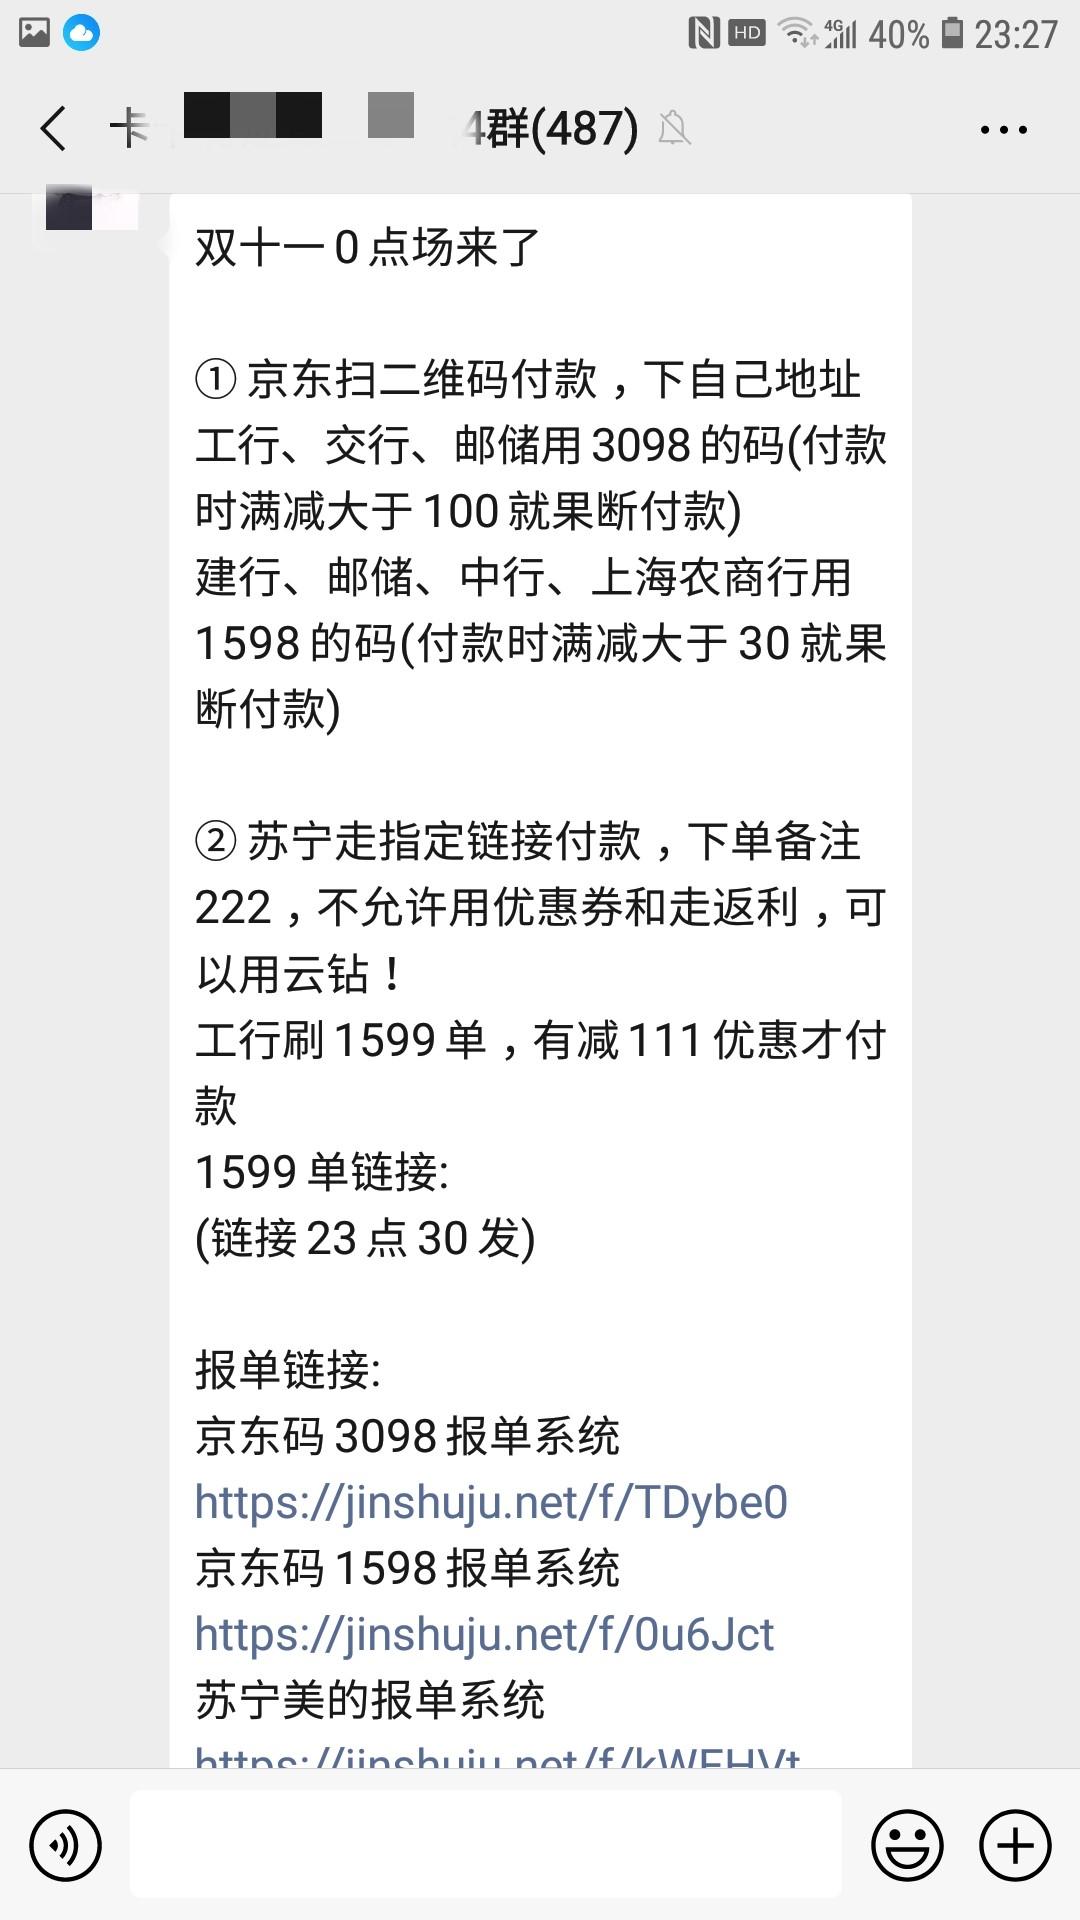 永博娱乐可靠吗|助力普惠教育发展 优势力量入驻天津北辰――北辰区政府与博实乐教育集团签署教育深化合作协议